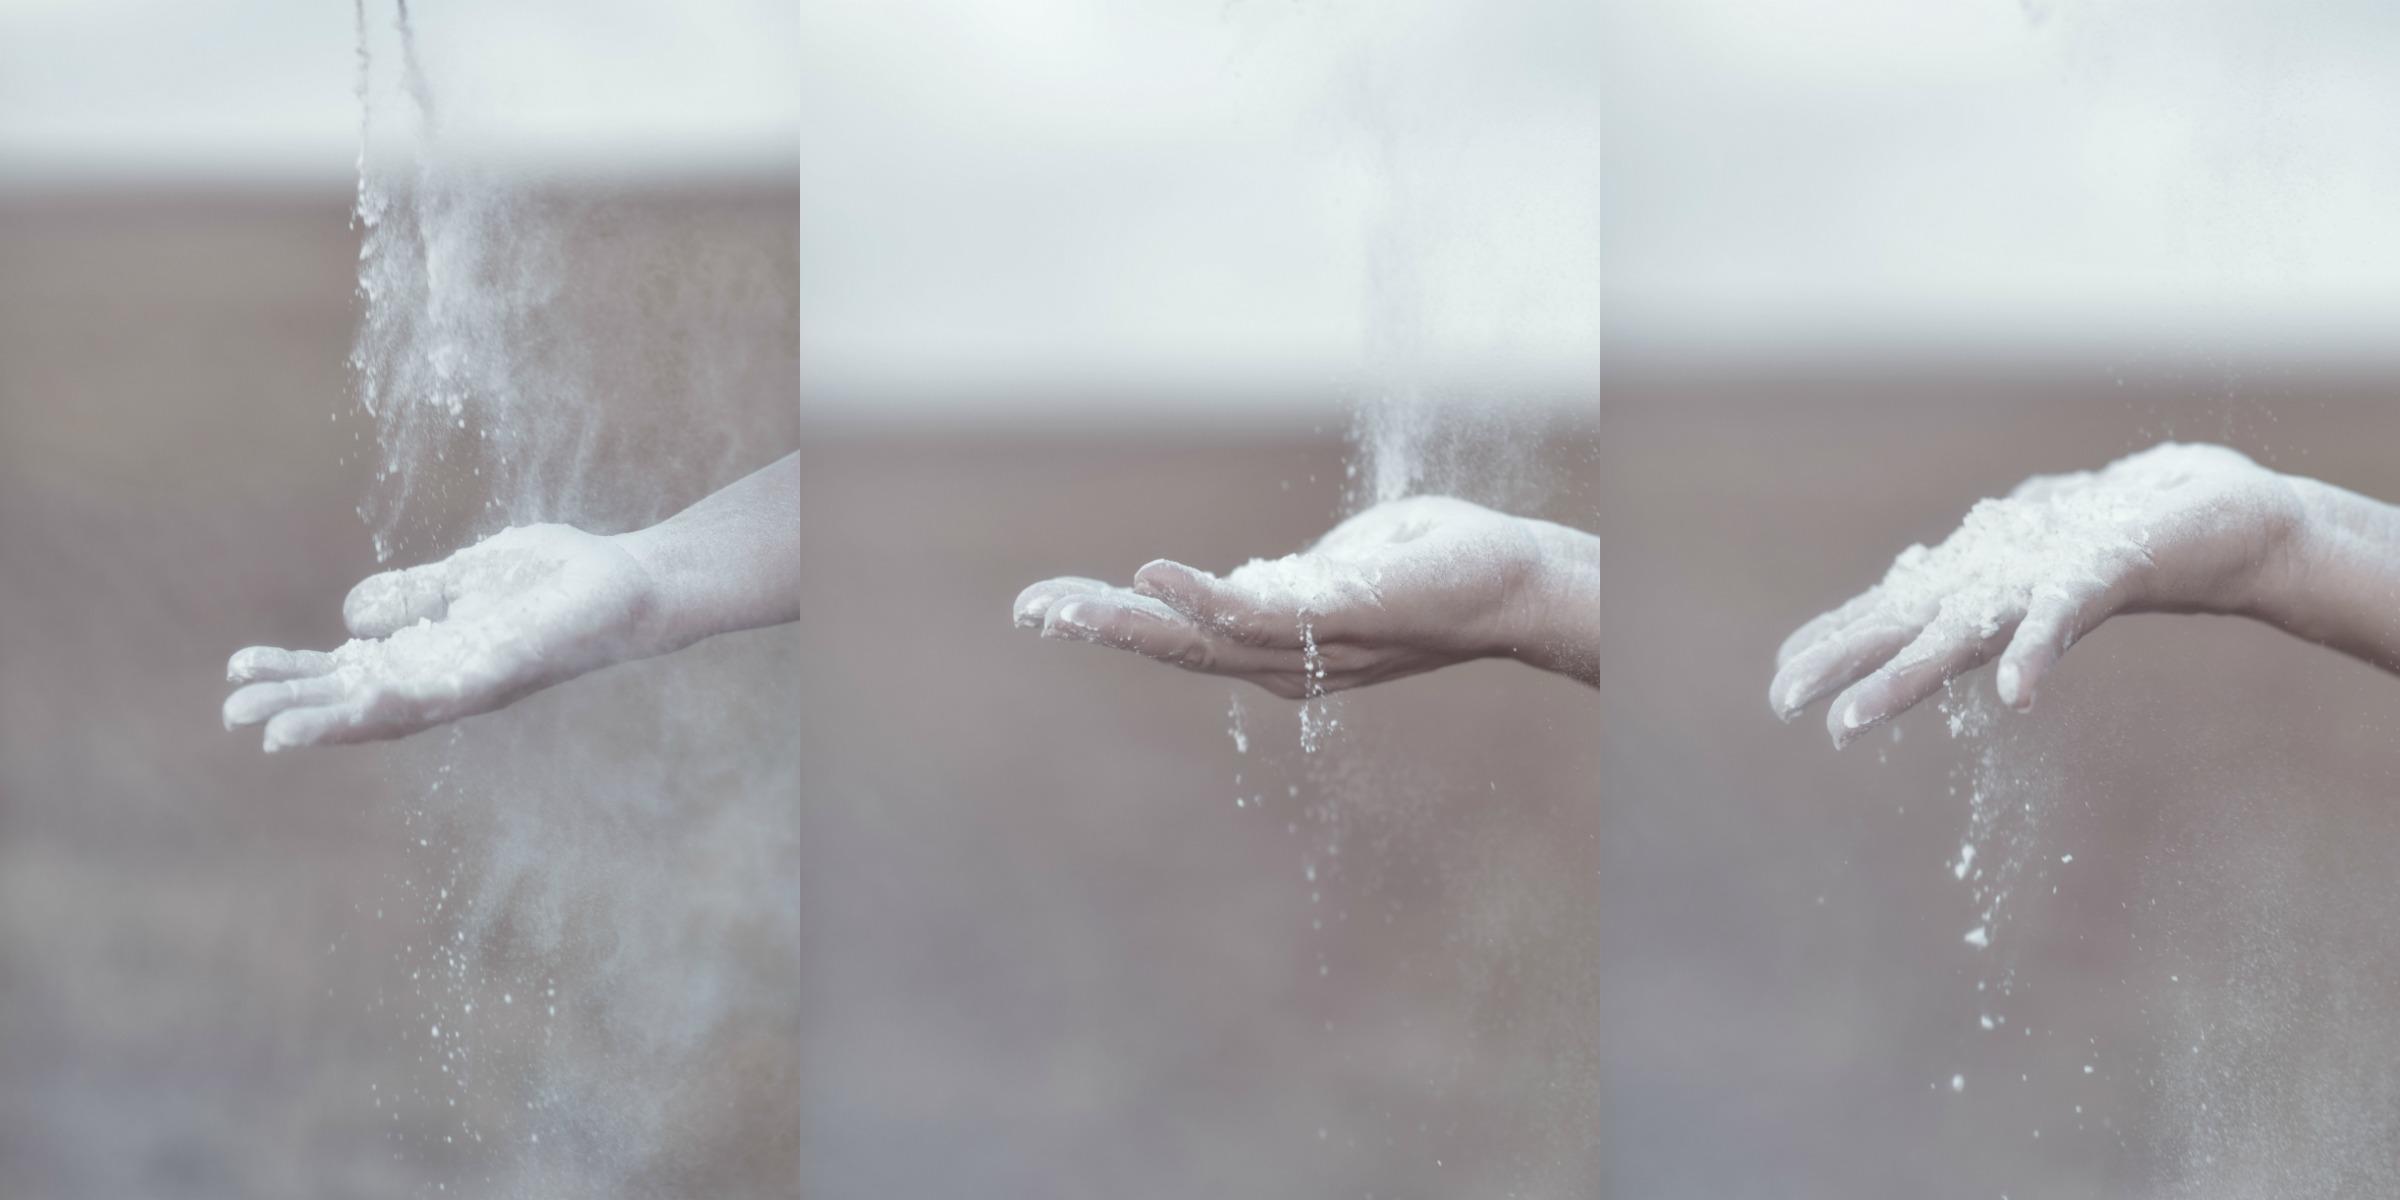 ידיים מעיפות טלק לבן על רקע שדה יבש. מתוך הפוסט חיבוק של אדמה. מהבלוג של תמרי סלונים ליבס tamariandme.com צילום: טלי רצקר